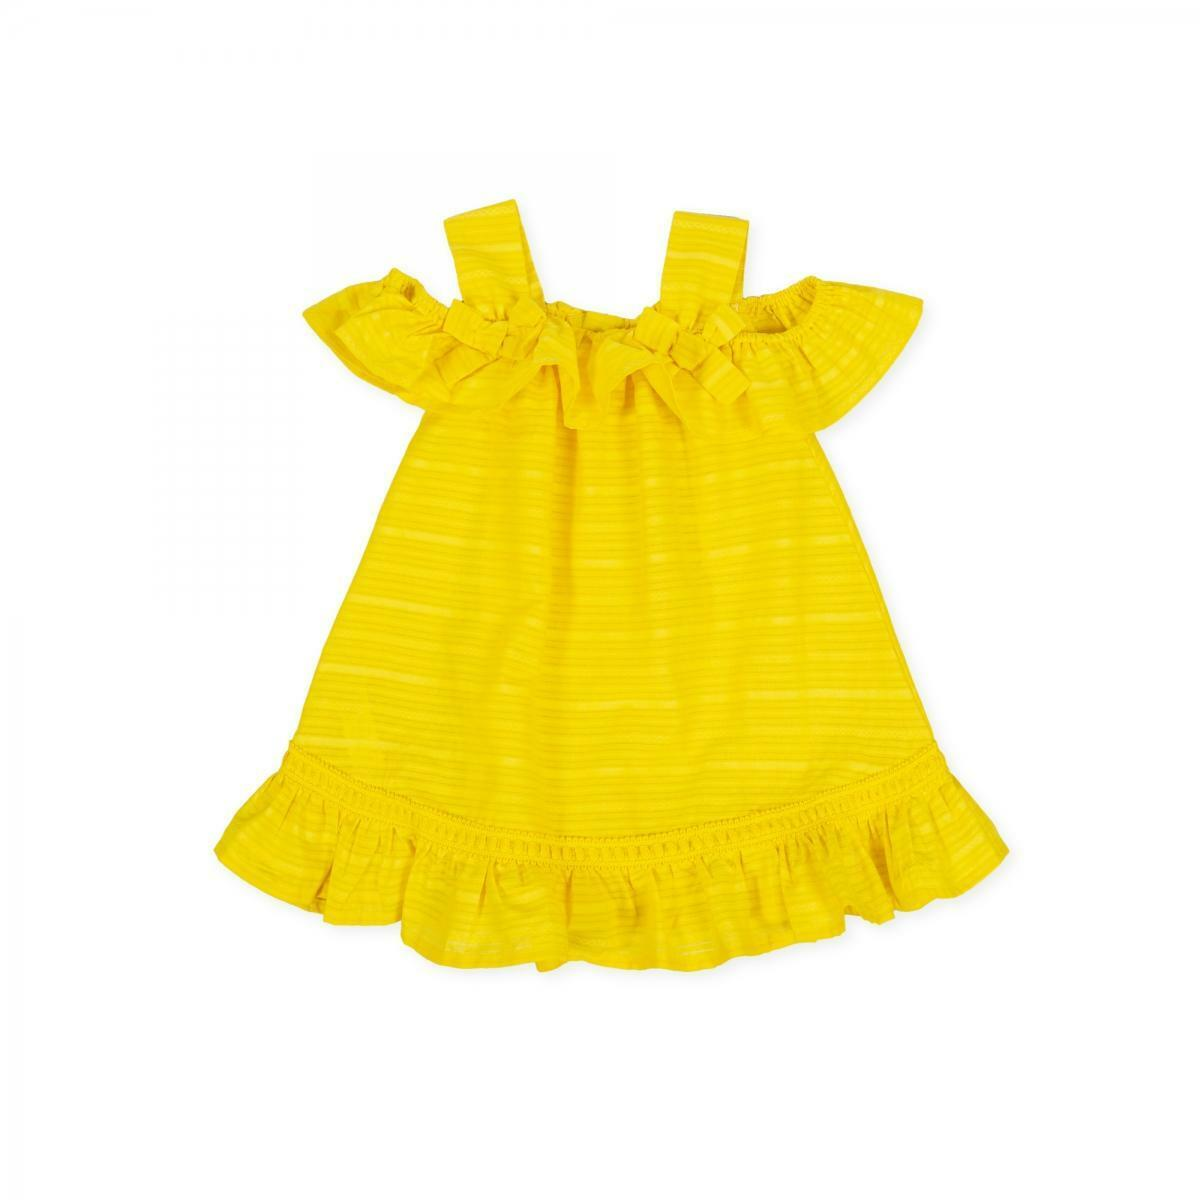 tutto piccolo tutto piccolo vestitino neonata giallo 8271s20/y00